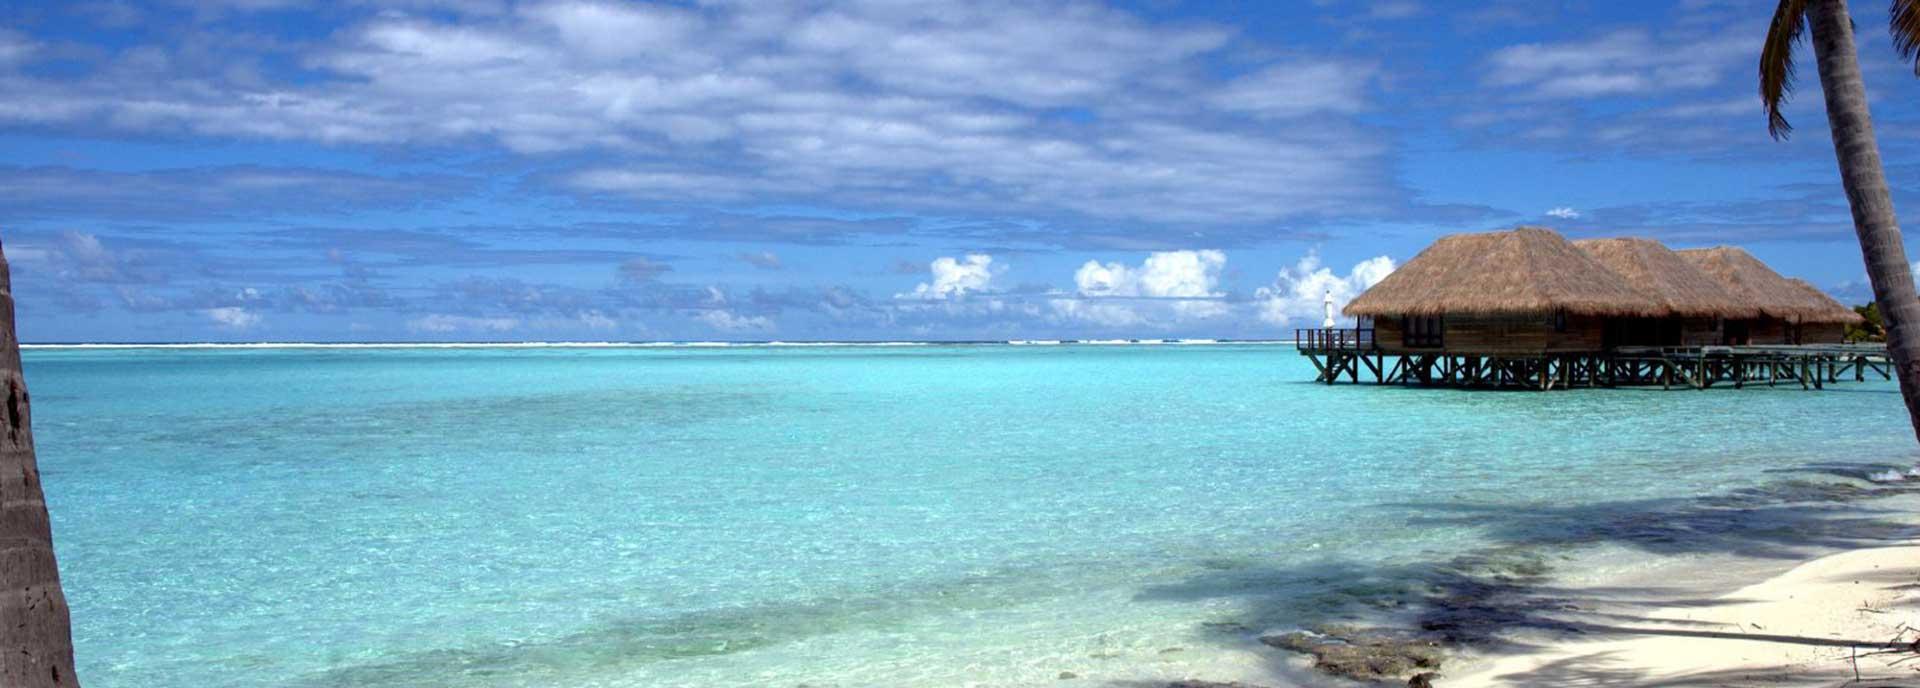 Pacotes de viagens Ilhas Maldivas